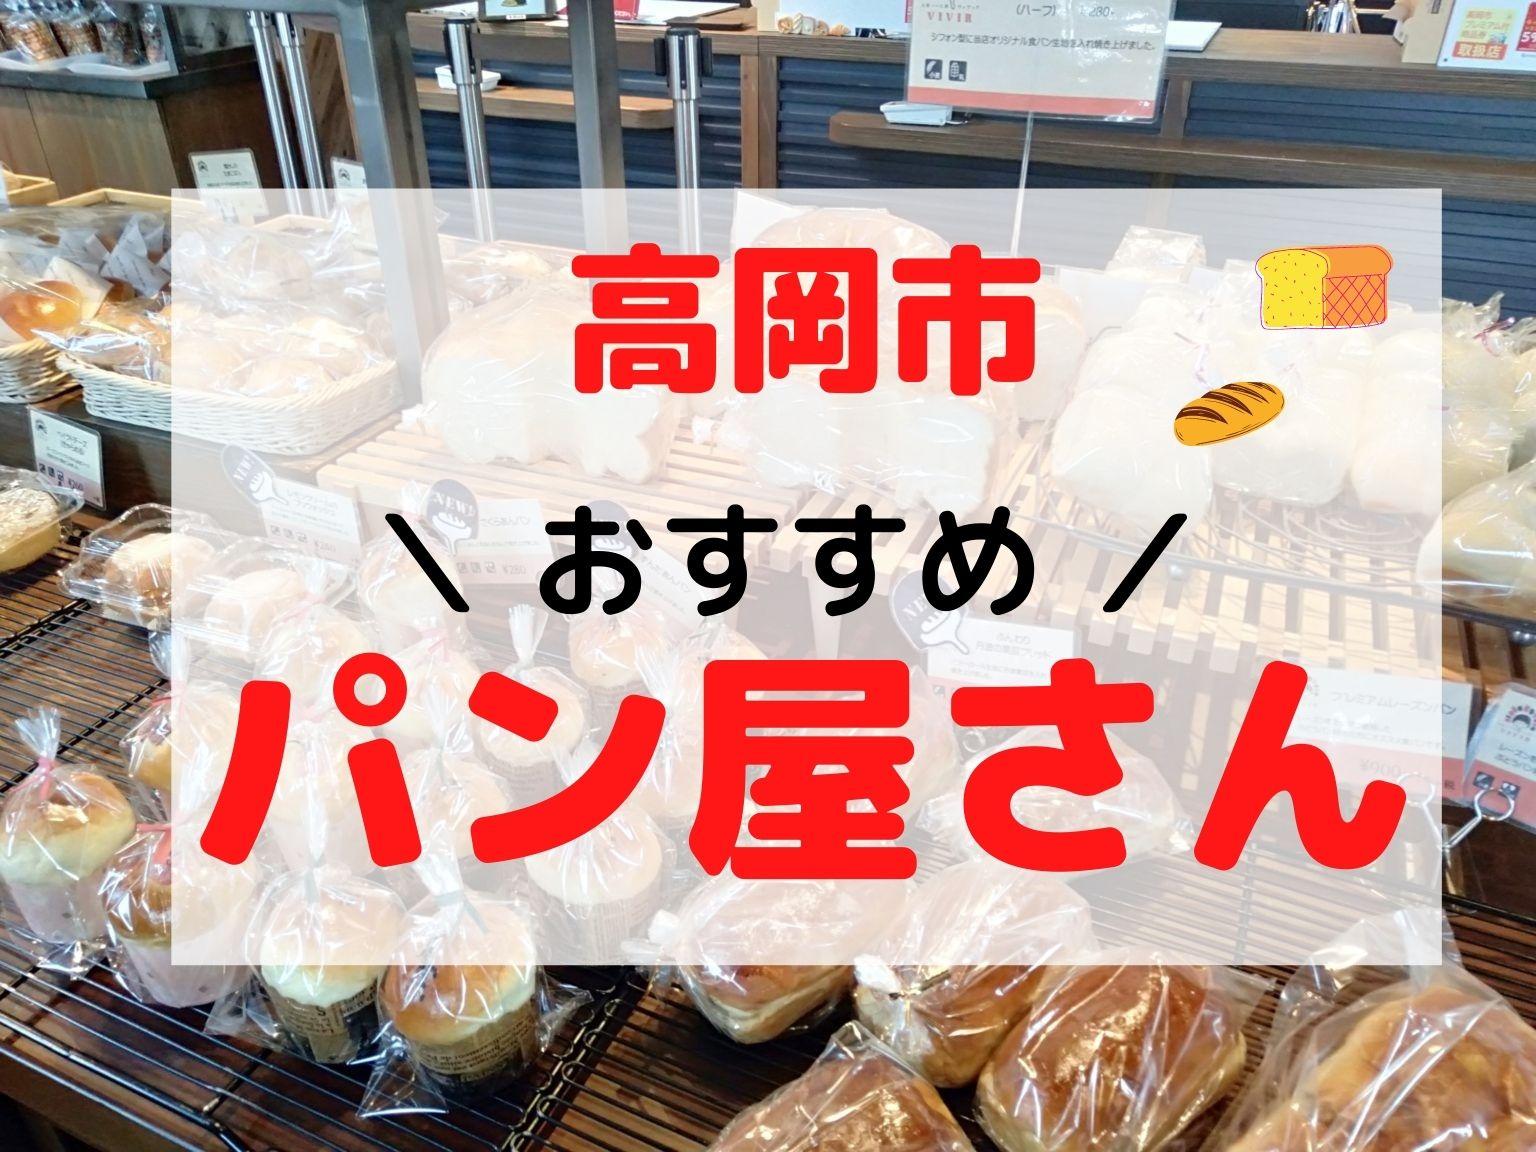 高岡市で美味しいパン屋さん10店!【高岡主婦のリアルなおすすめ店】